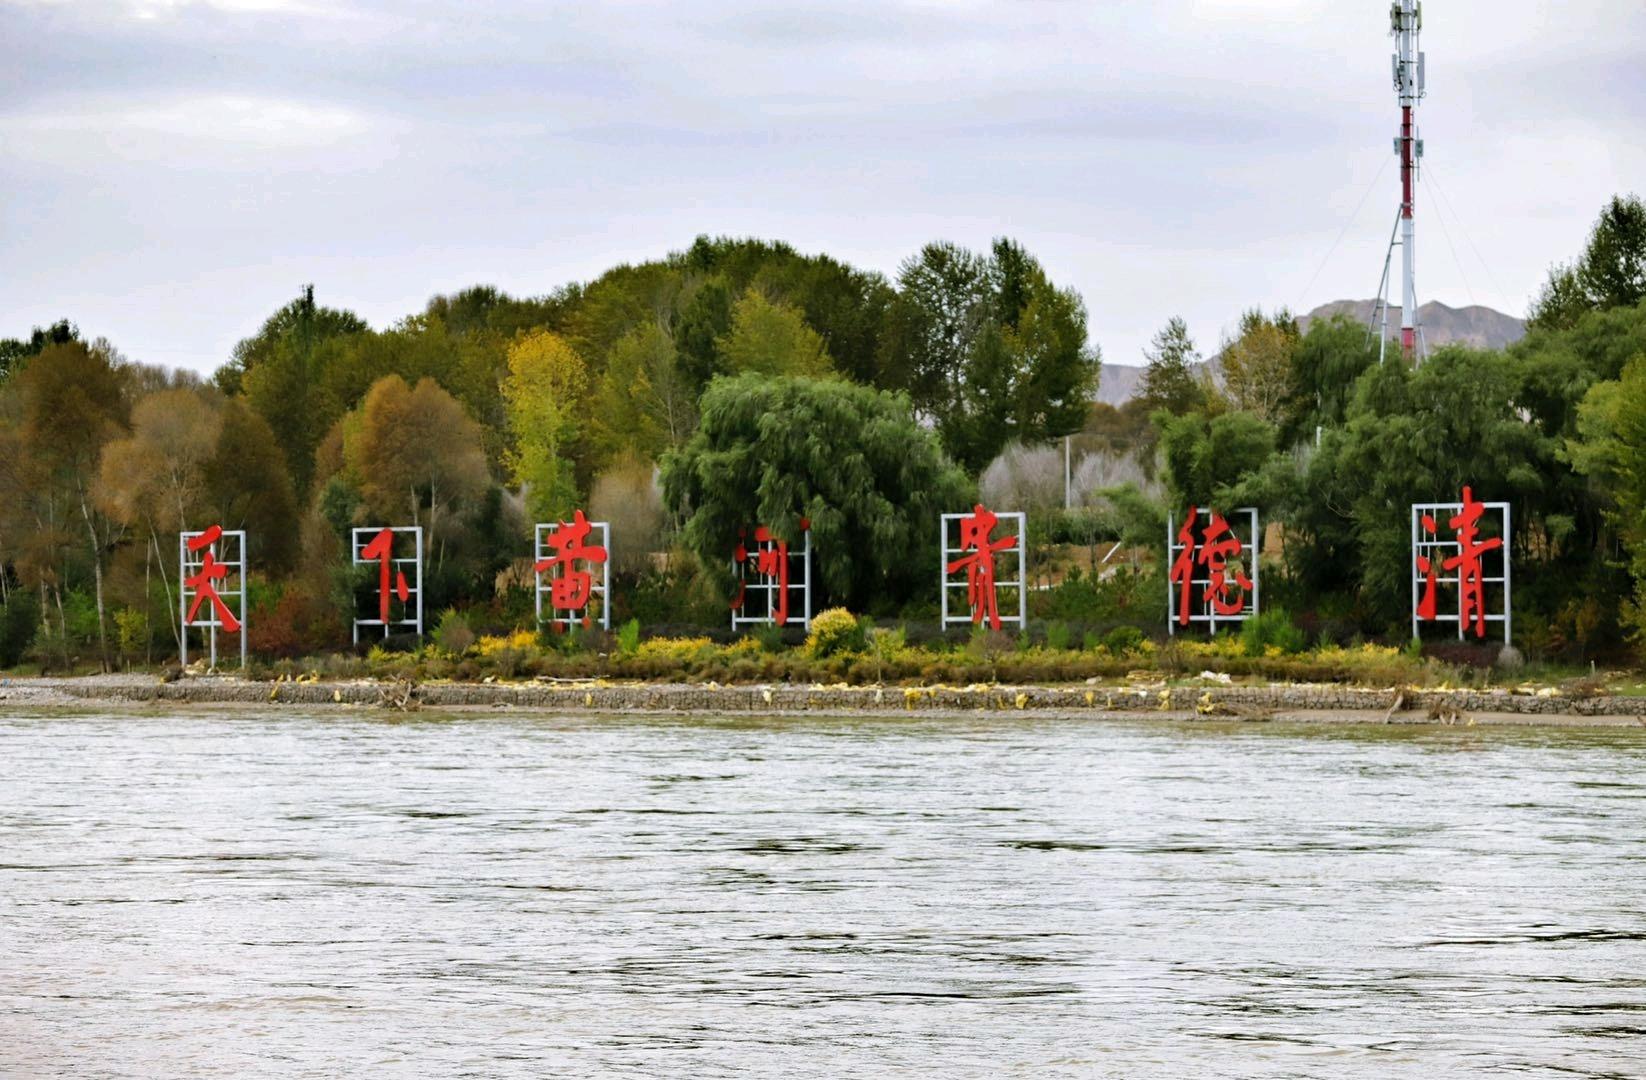 黄河流经贵德县境内,碧波荡漾,两岸植被丰茂。